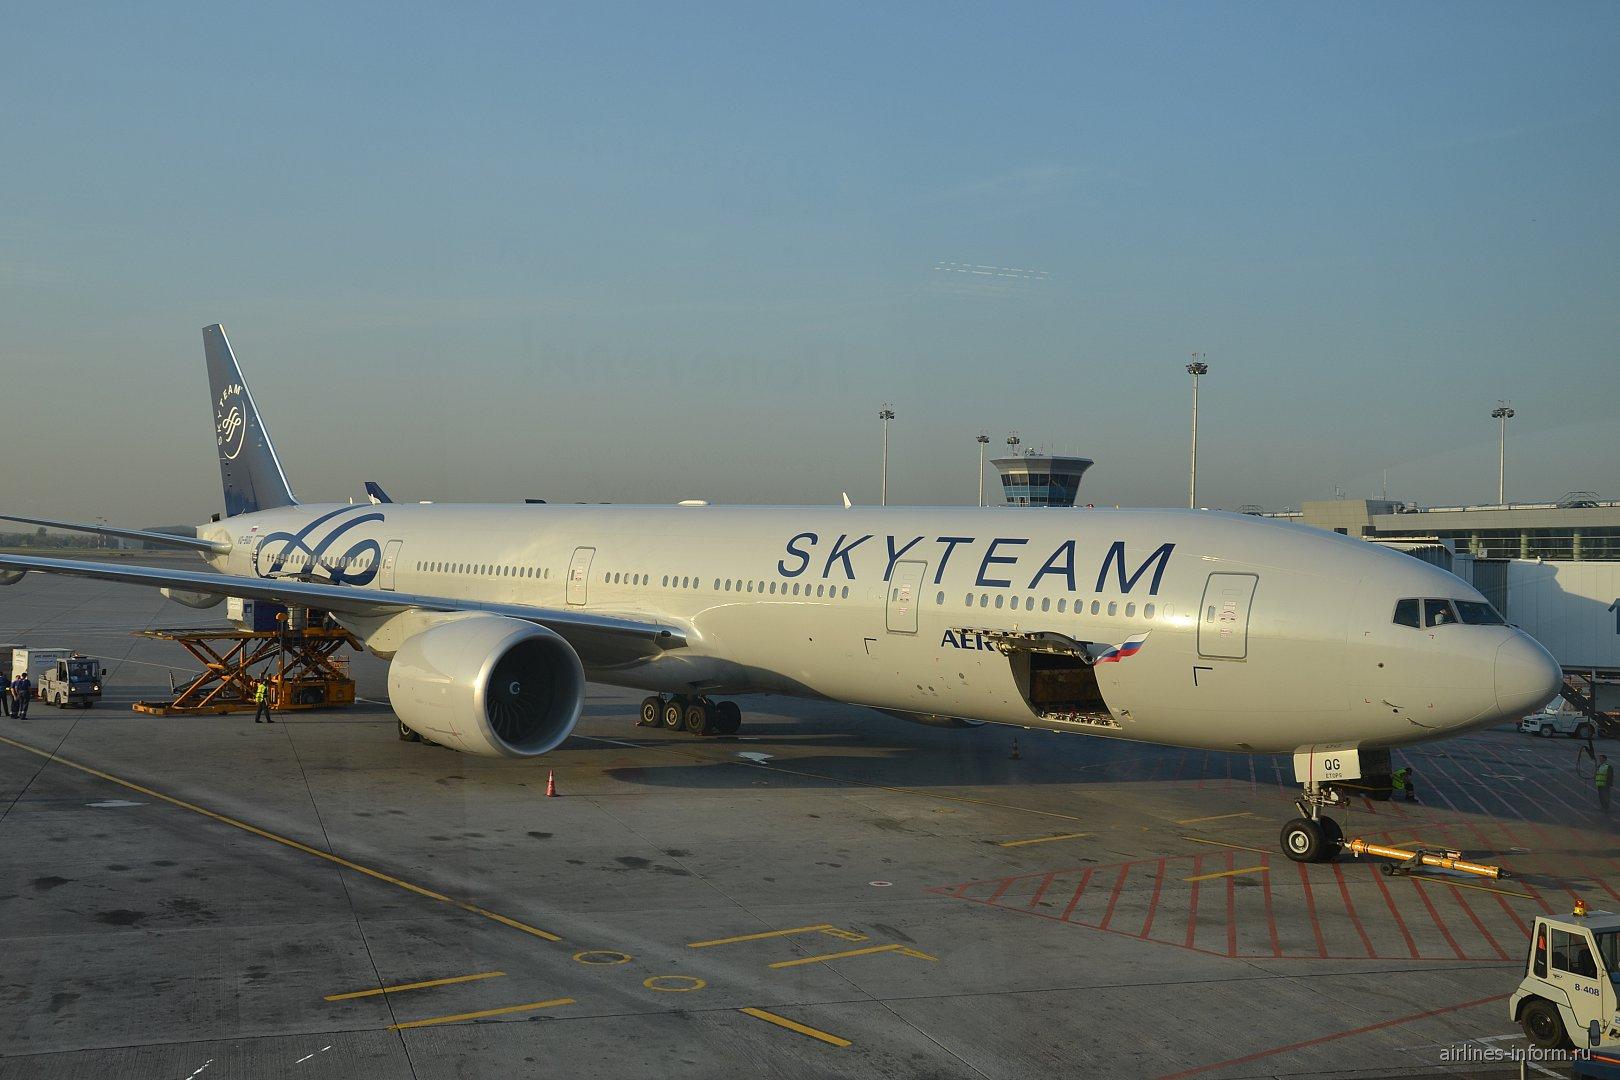 """Боинг-777-300 Аэрофлота в ливрее альянса """"Sky Team"""" в аэропорту Шереметьево"""